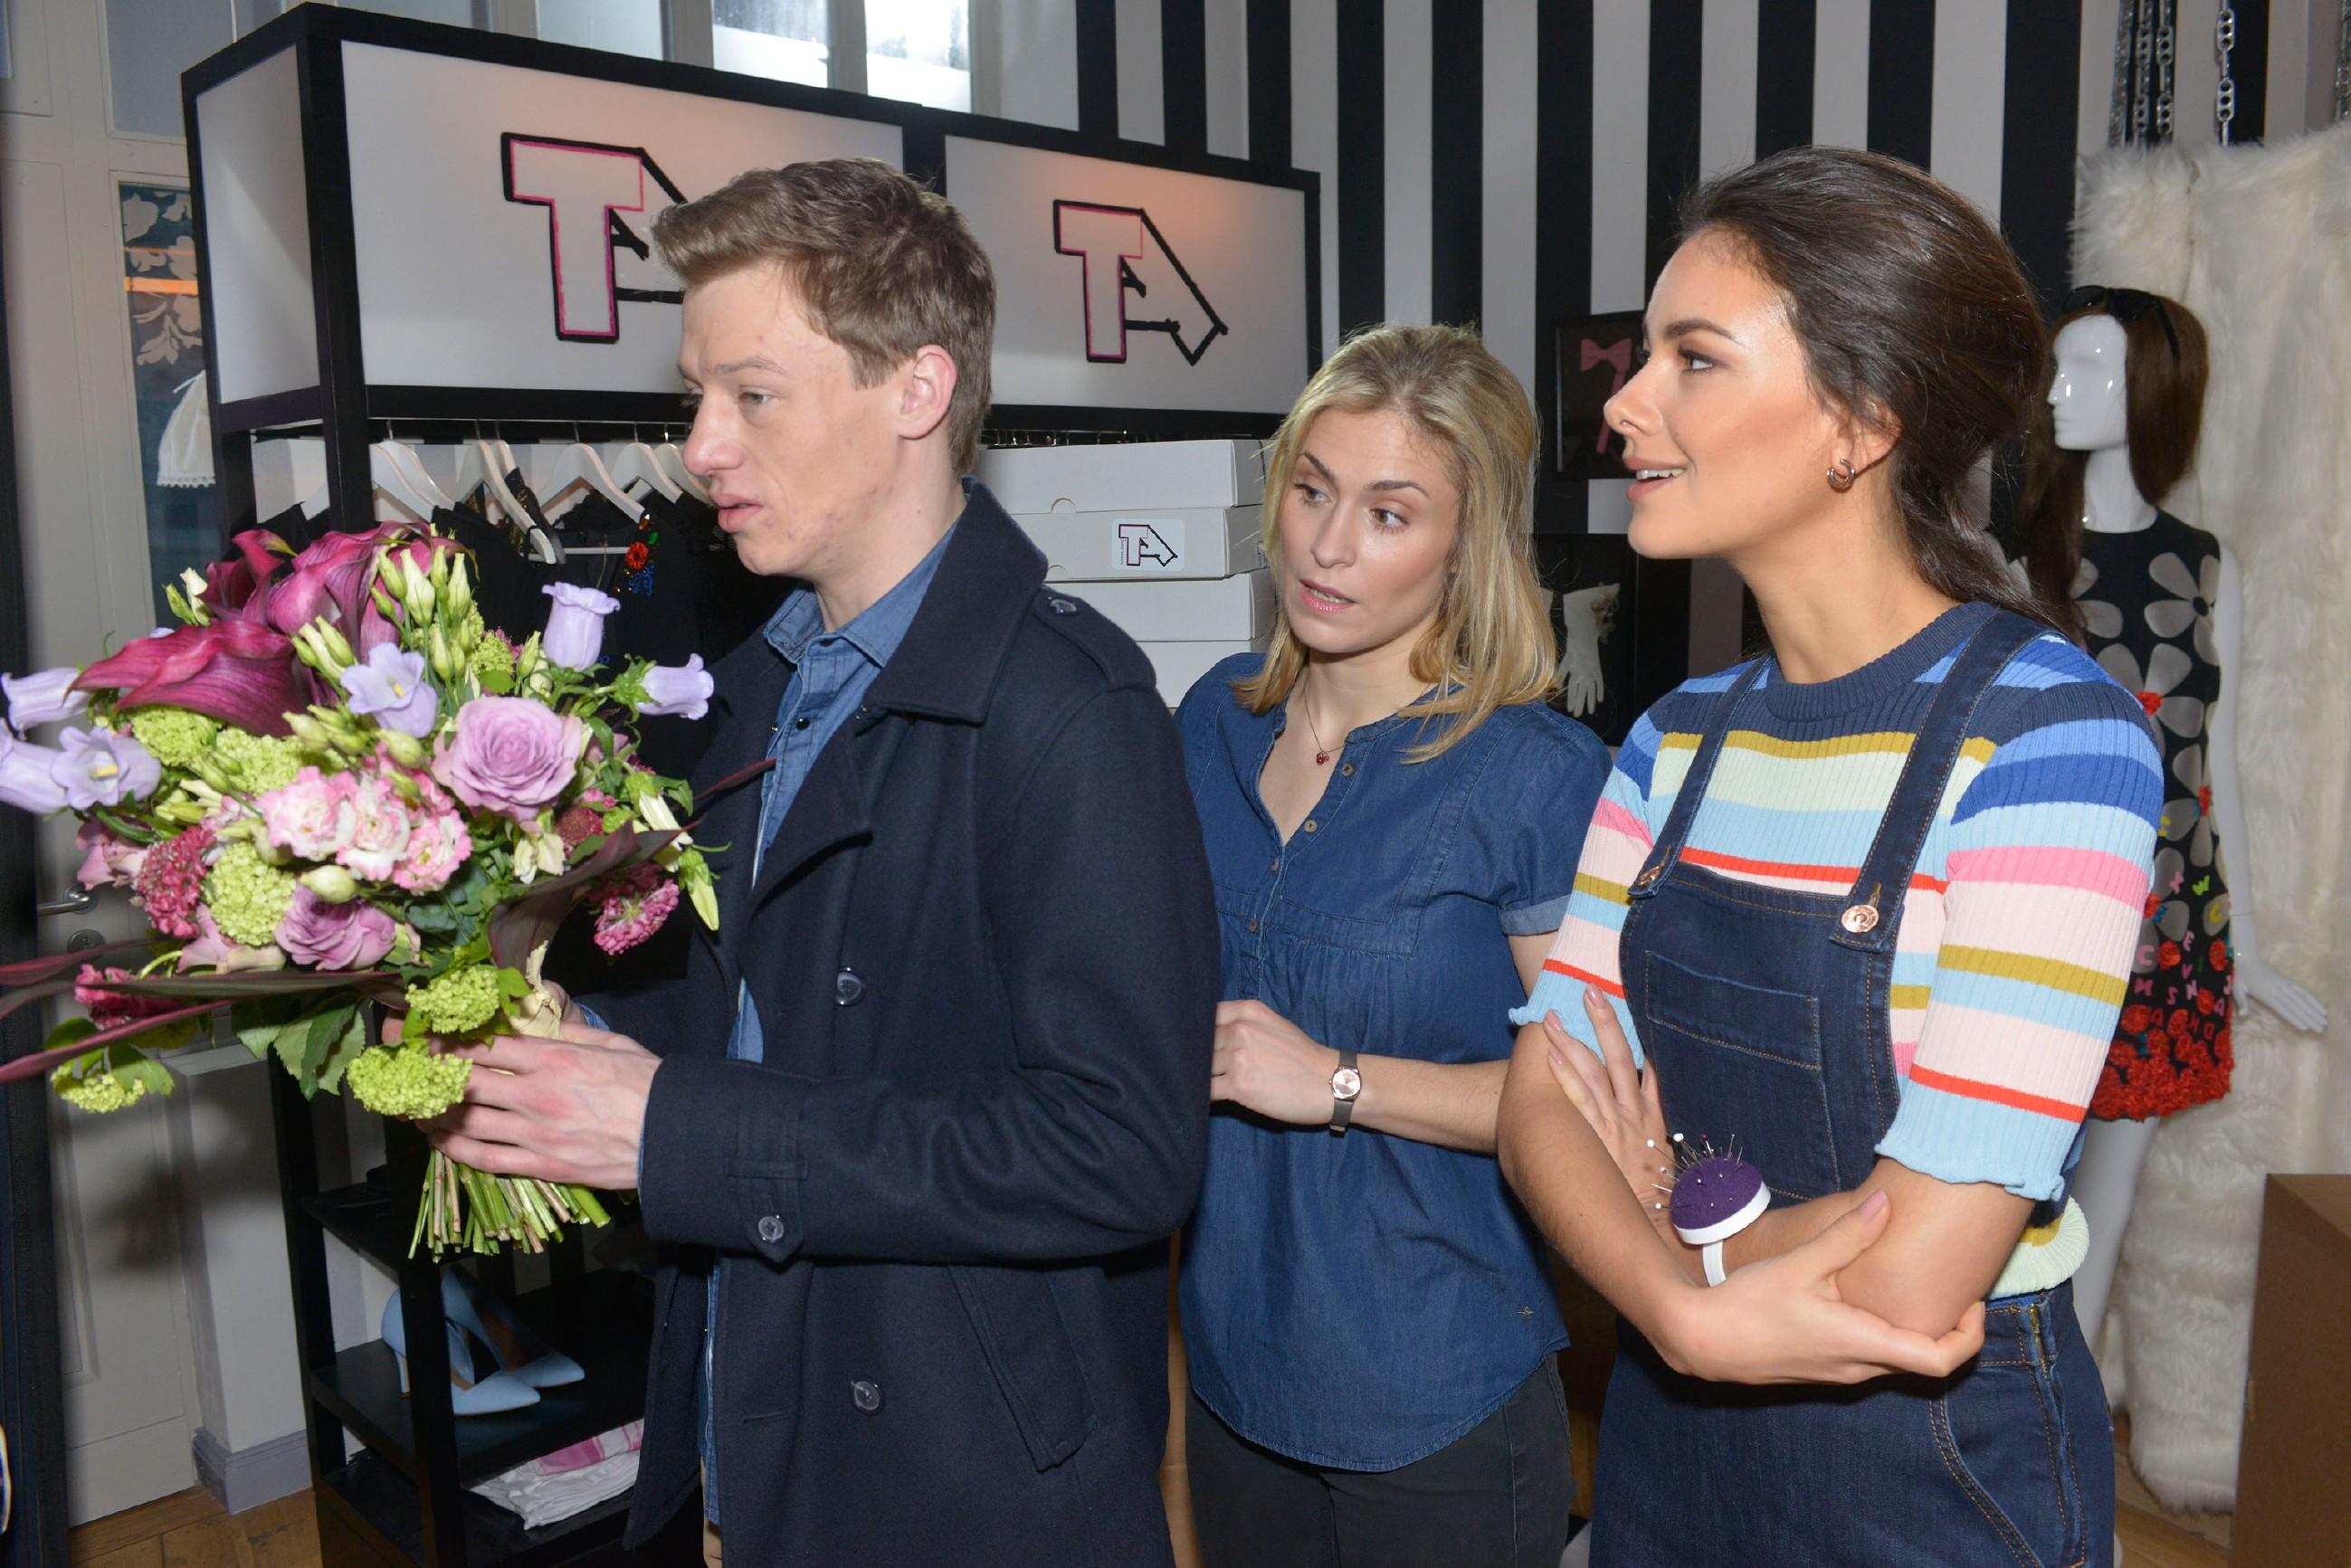 Sophie (Lea Marlen Woitack, M.) und Jasmin (Janina Uhse) beobachten wohlwollend, dass Vince (Vincent Krüger) sich bei Sunny für sein Verhalten entschuldigen möchte.